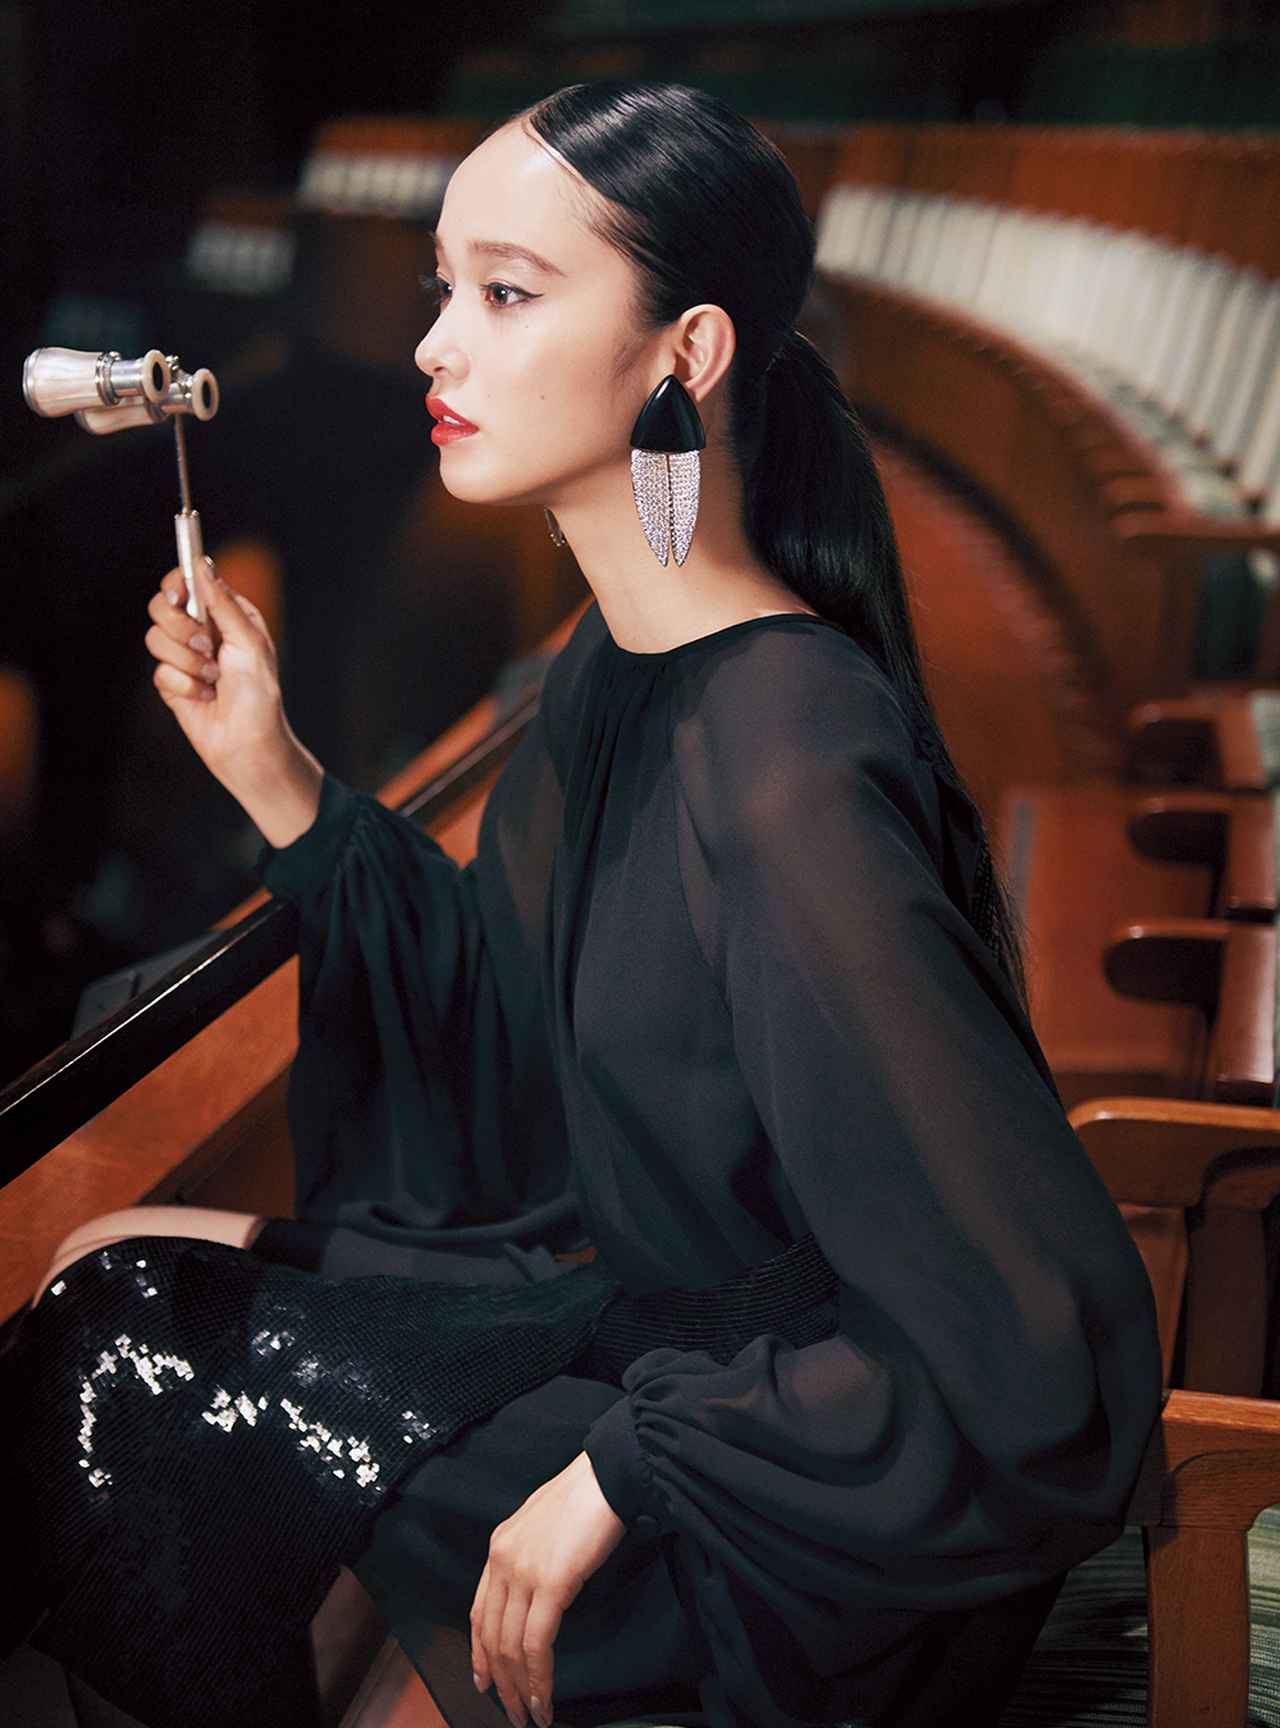 Images : 6番目の画像 - 「至福の時空へ誘う 華麗なる観劇スタイル」のアルバム - T JAPAN:The New York Times Style Magazine 公式サイト